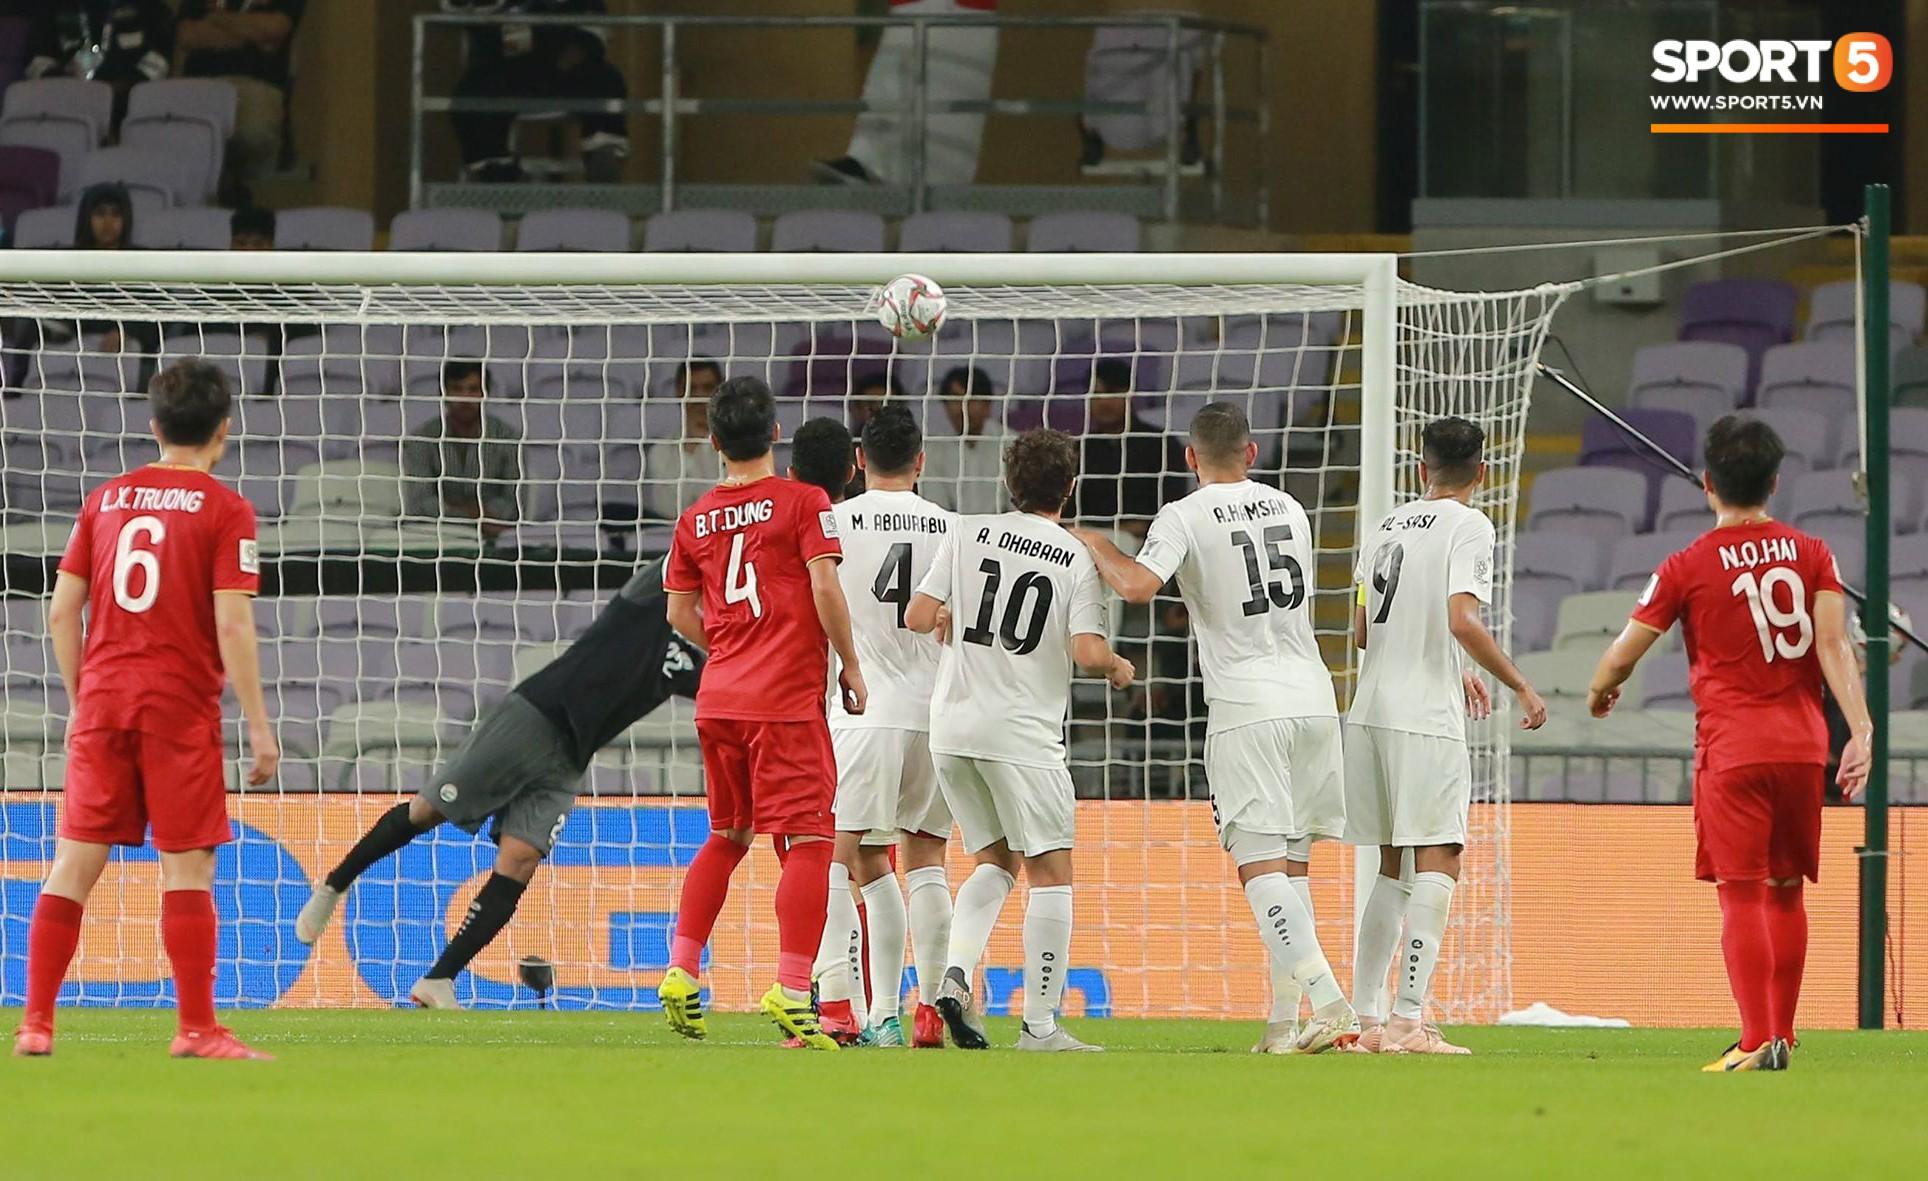 Quang Hải ăn mừng cực nhiệt khi tái hiện siêu phẩm cầu vồng tại Asian Cup 2019-2